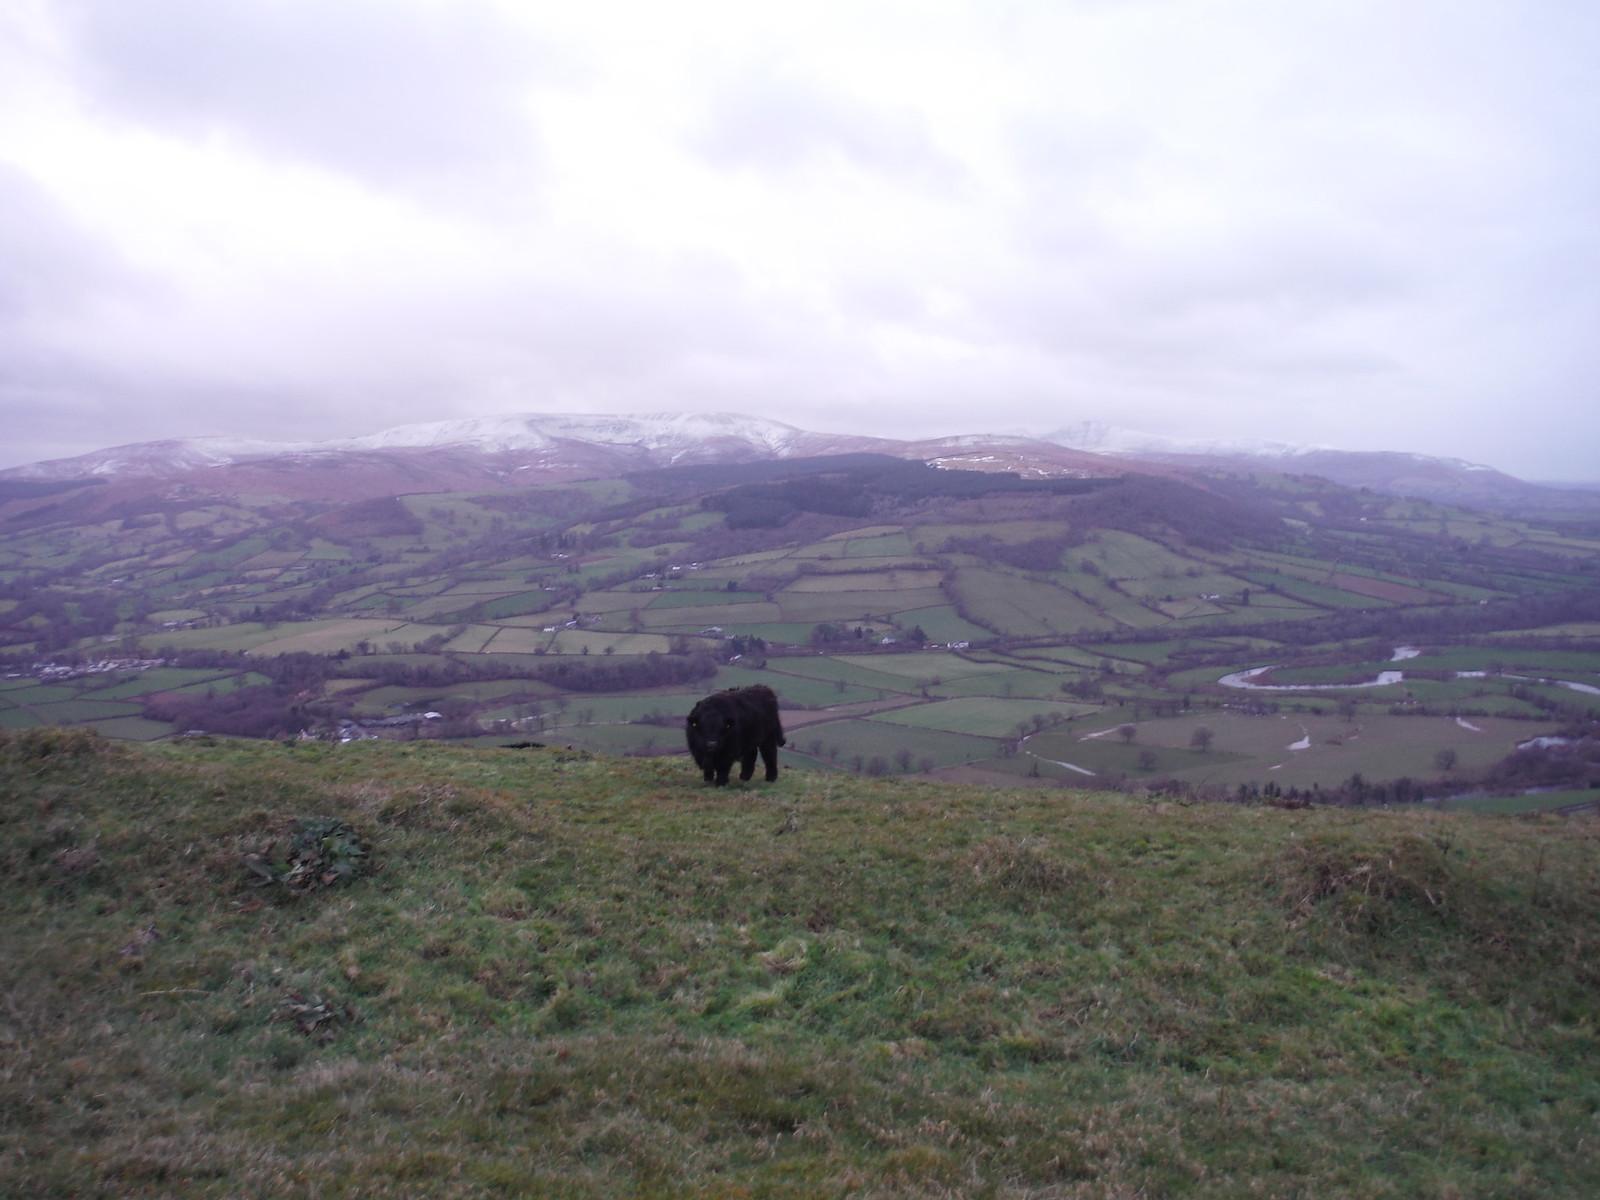 Usk Valley and Waun Rydd from Allt yr Esgair SWC Walk 308 - Bwlch Circular (via Mynydd Troed and Llangorse Lake)